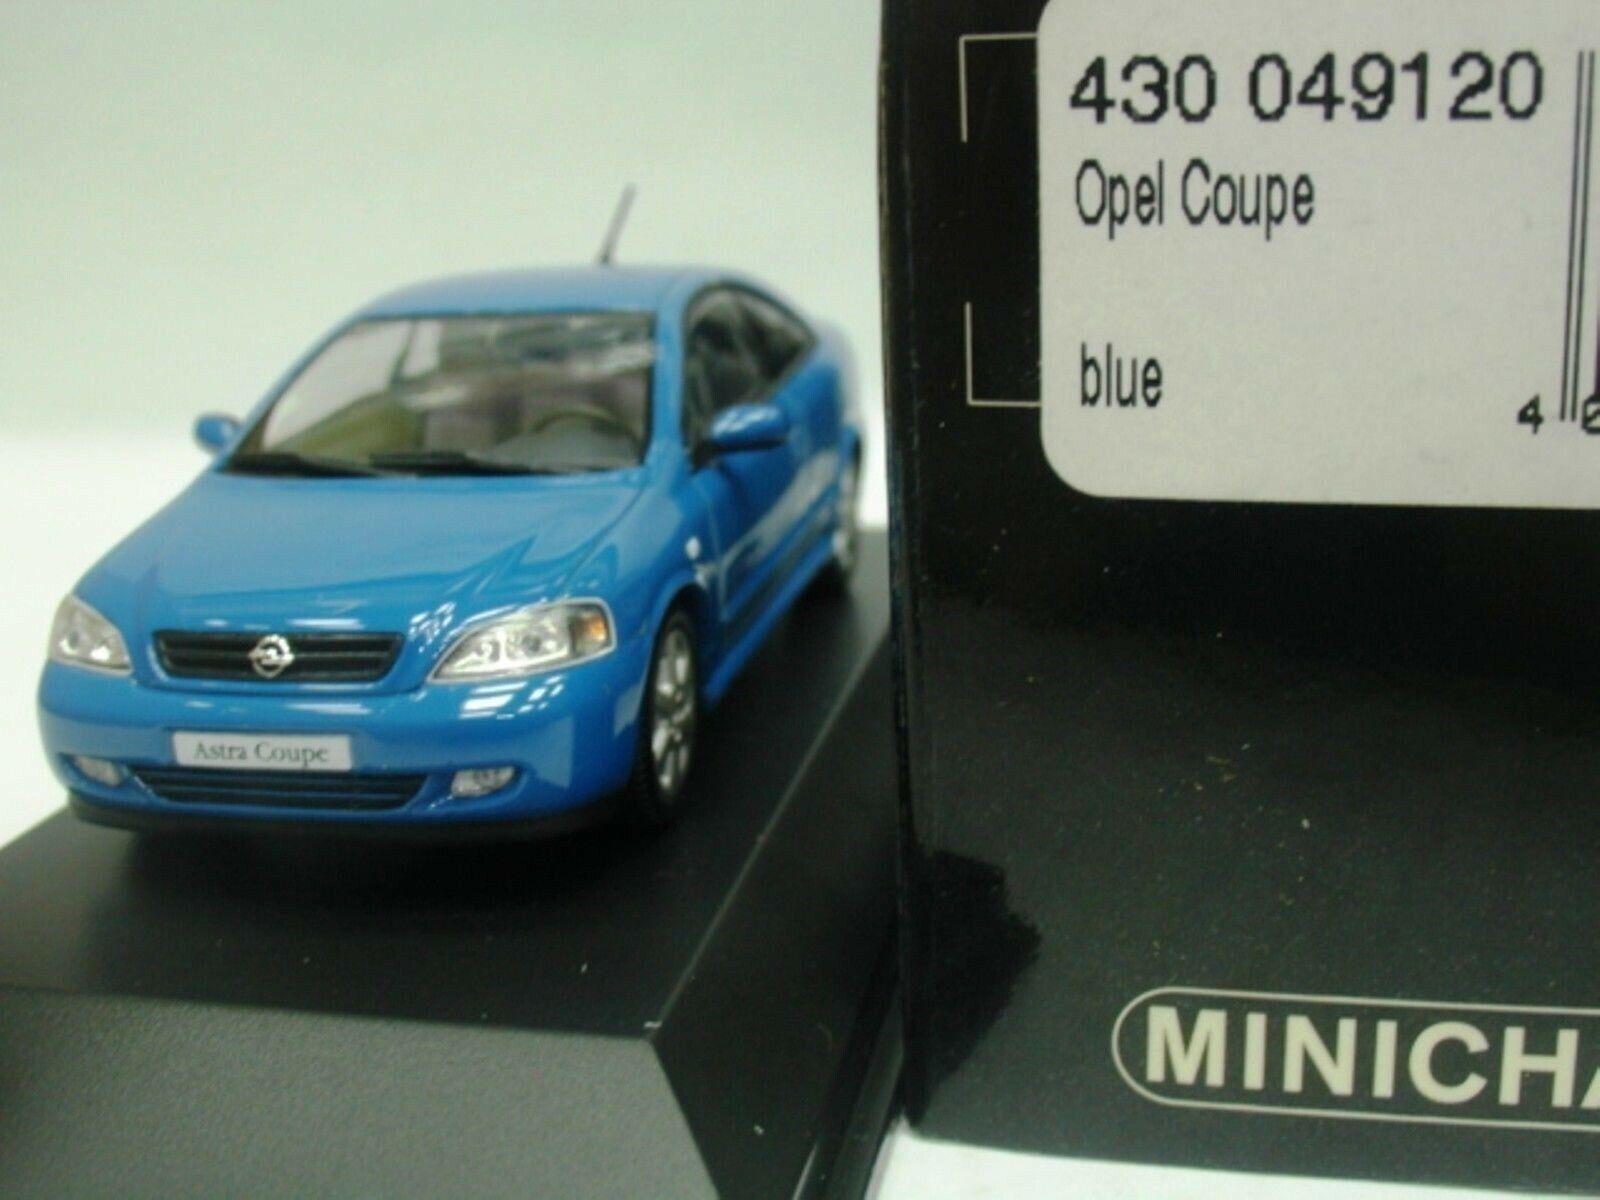 WOW estremamente raro OPEL ASTRA G COUPE 2.0L Turbo 2000 RIV blu 1 43 Minichamps